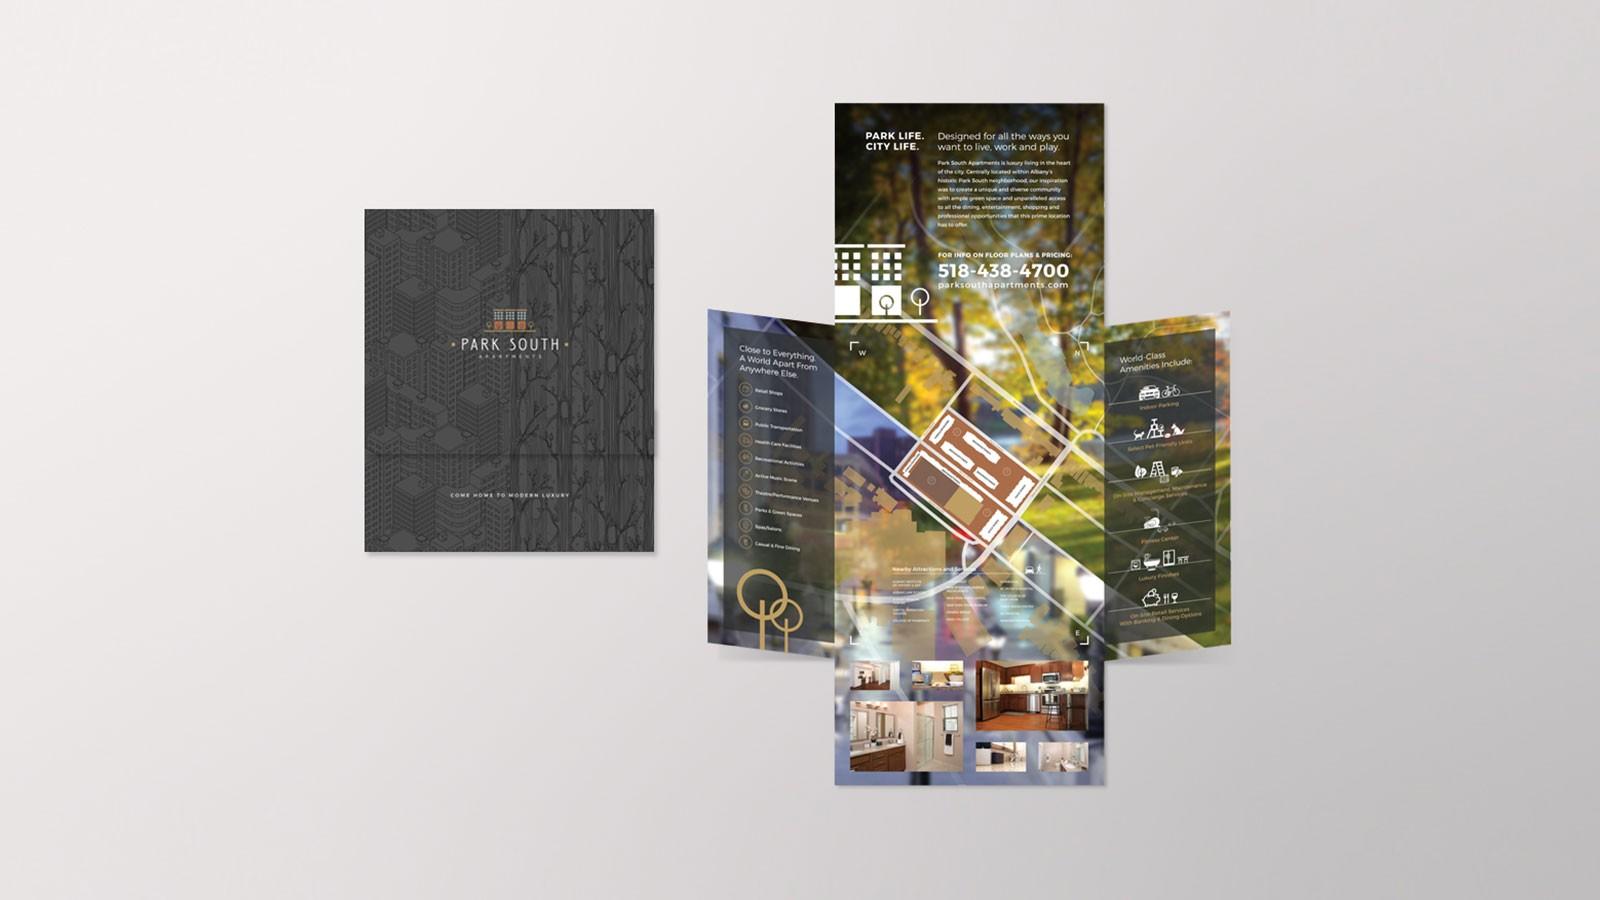 apartment brochure design. Park South Apartments   Brochure Apartment Design L